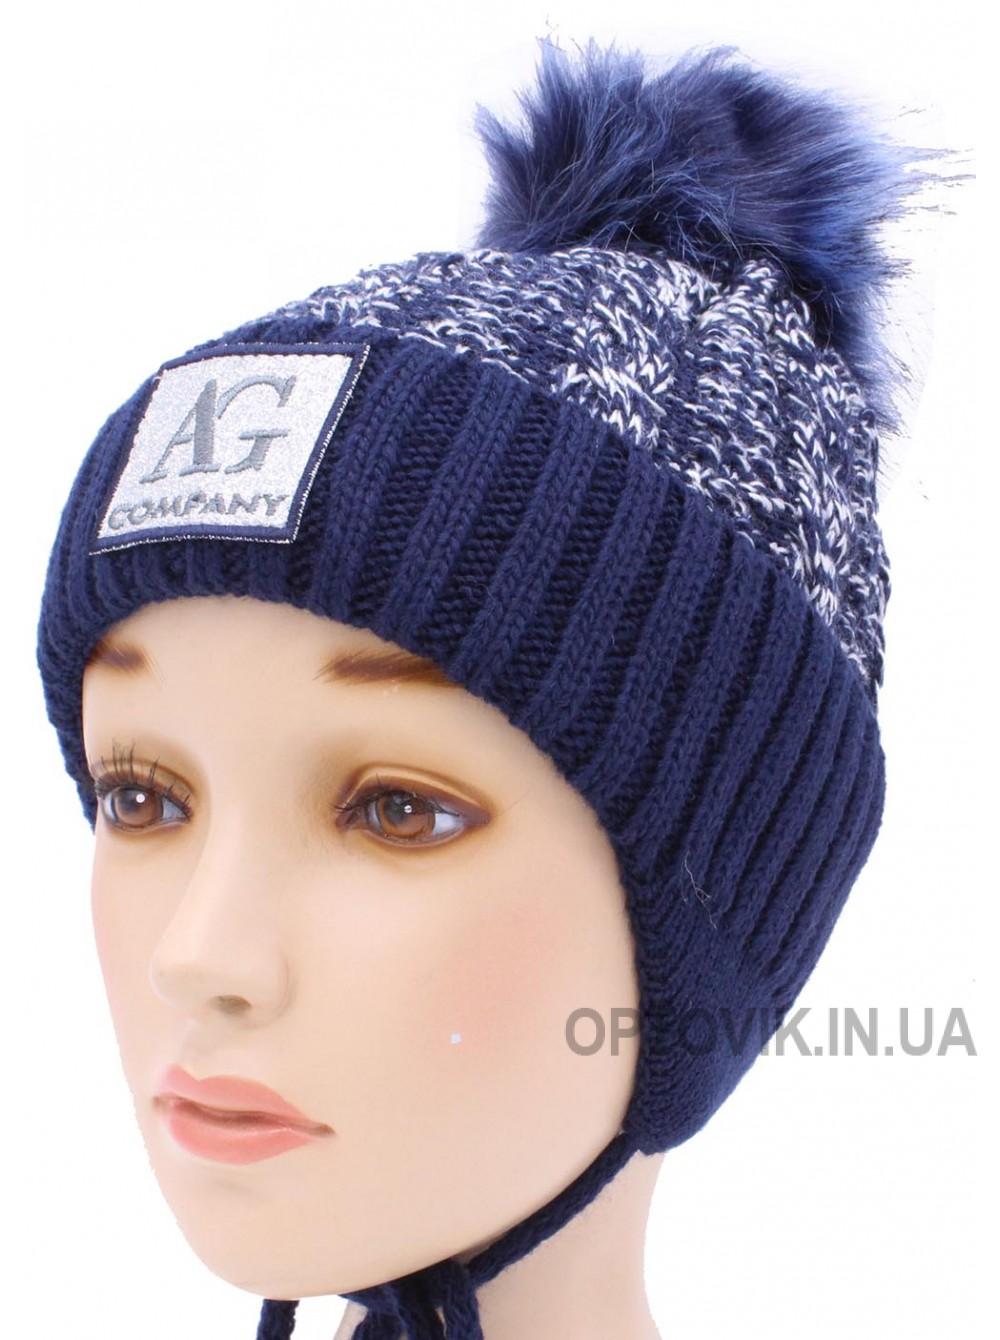 Детская вязаная шапка Блеск D50932-48-52